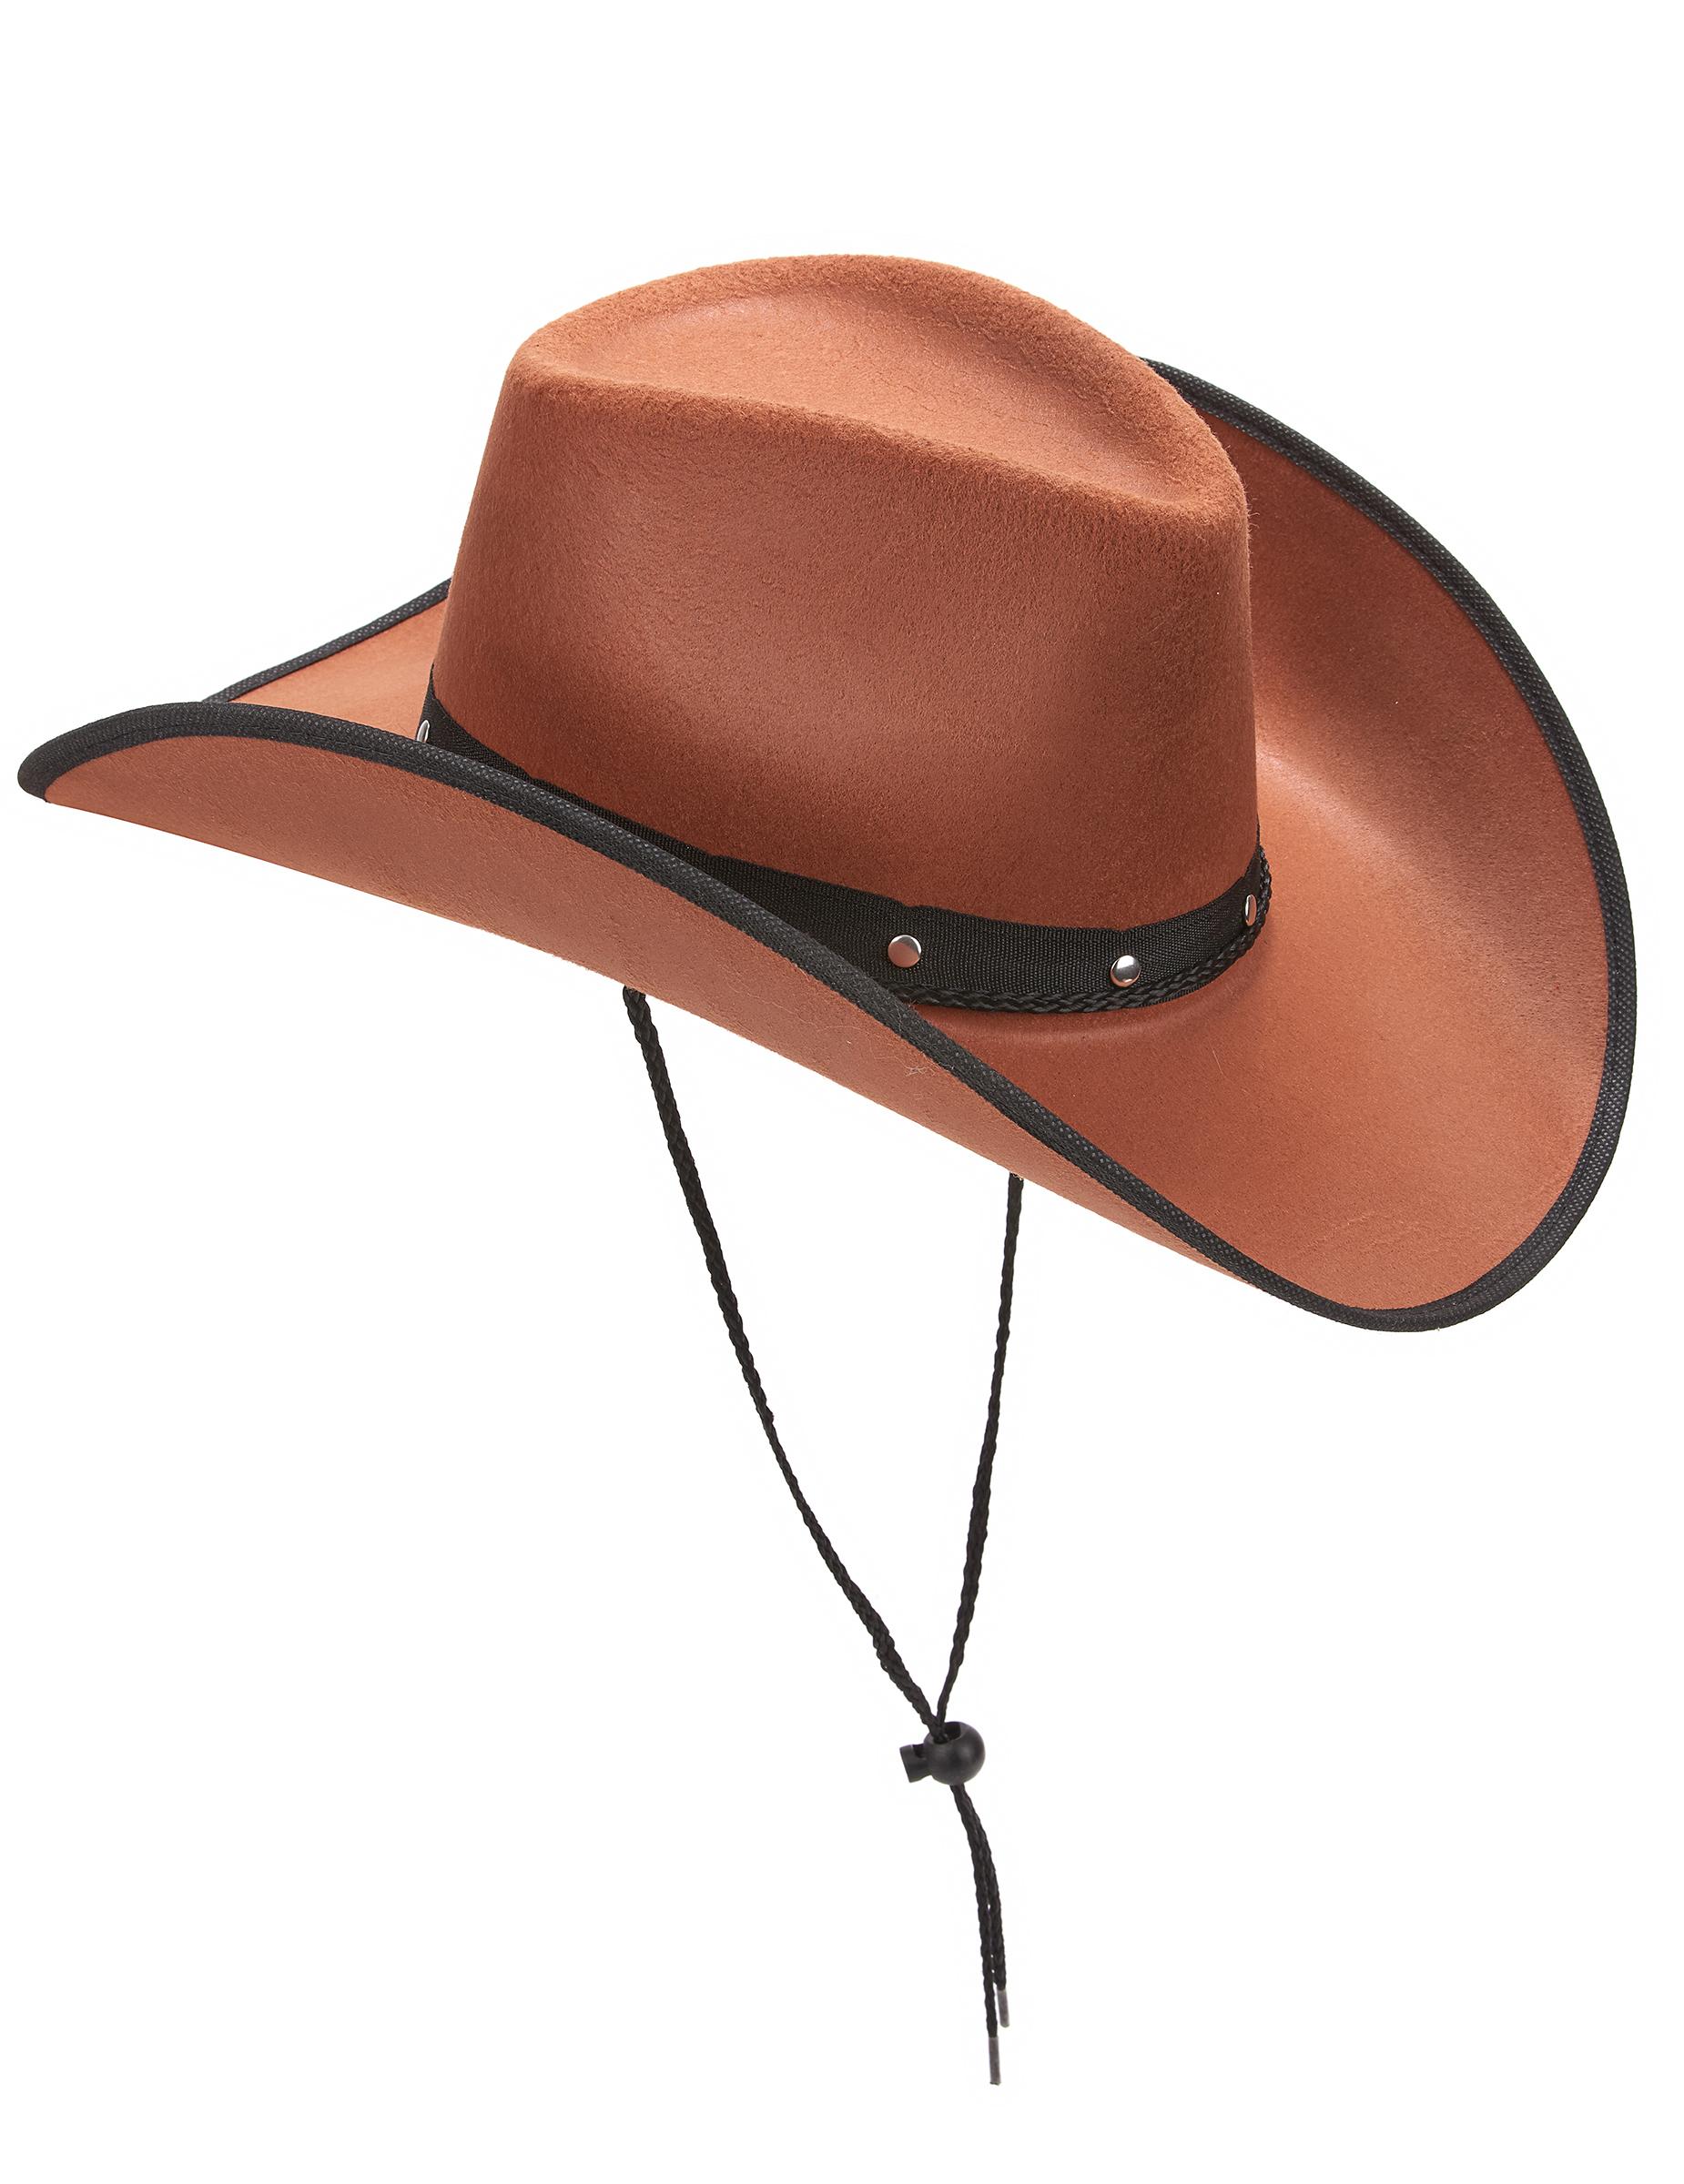 akribische Färbeprozesse aliexpress am modischsten Brauner Cowboy-Hut für Herren